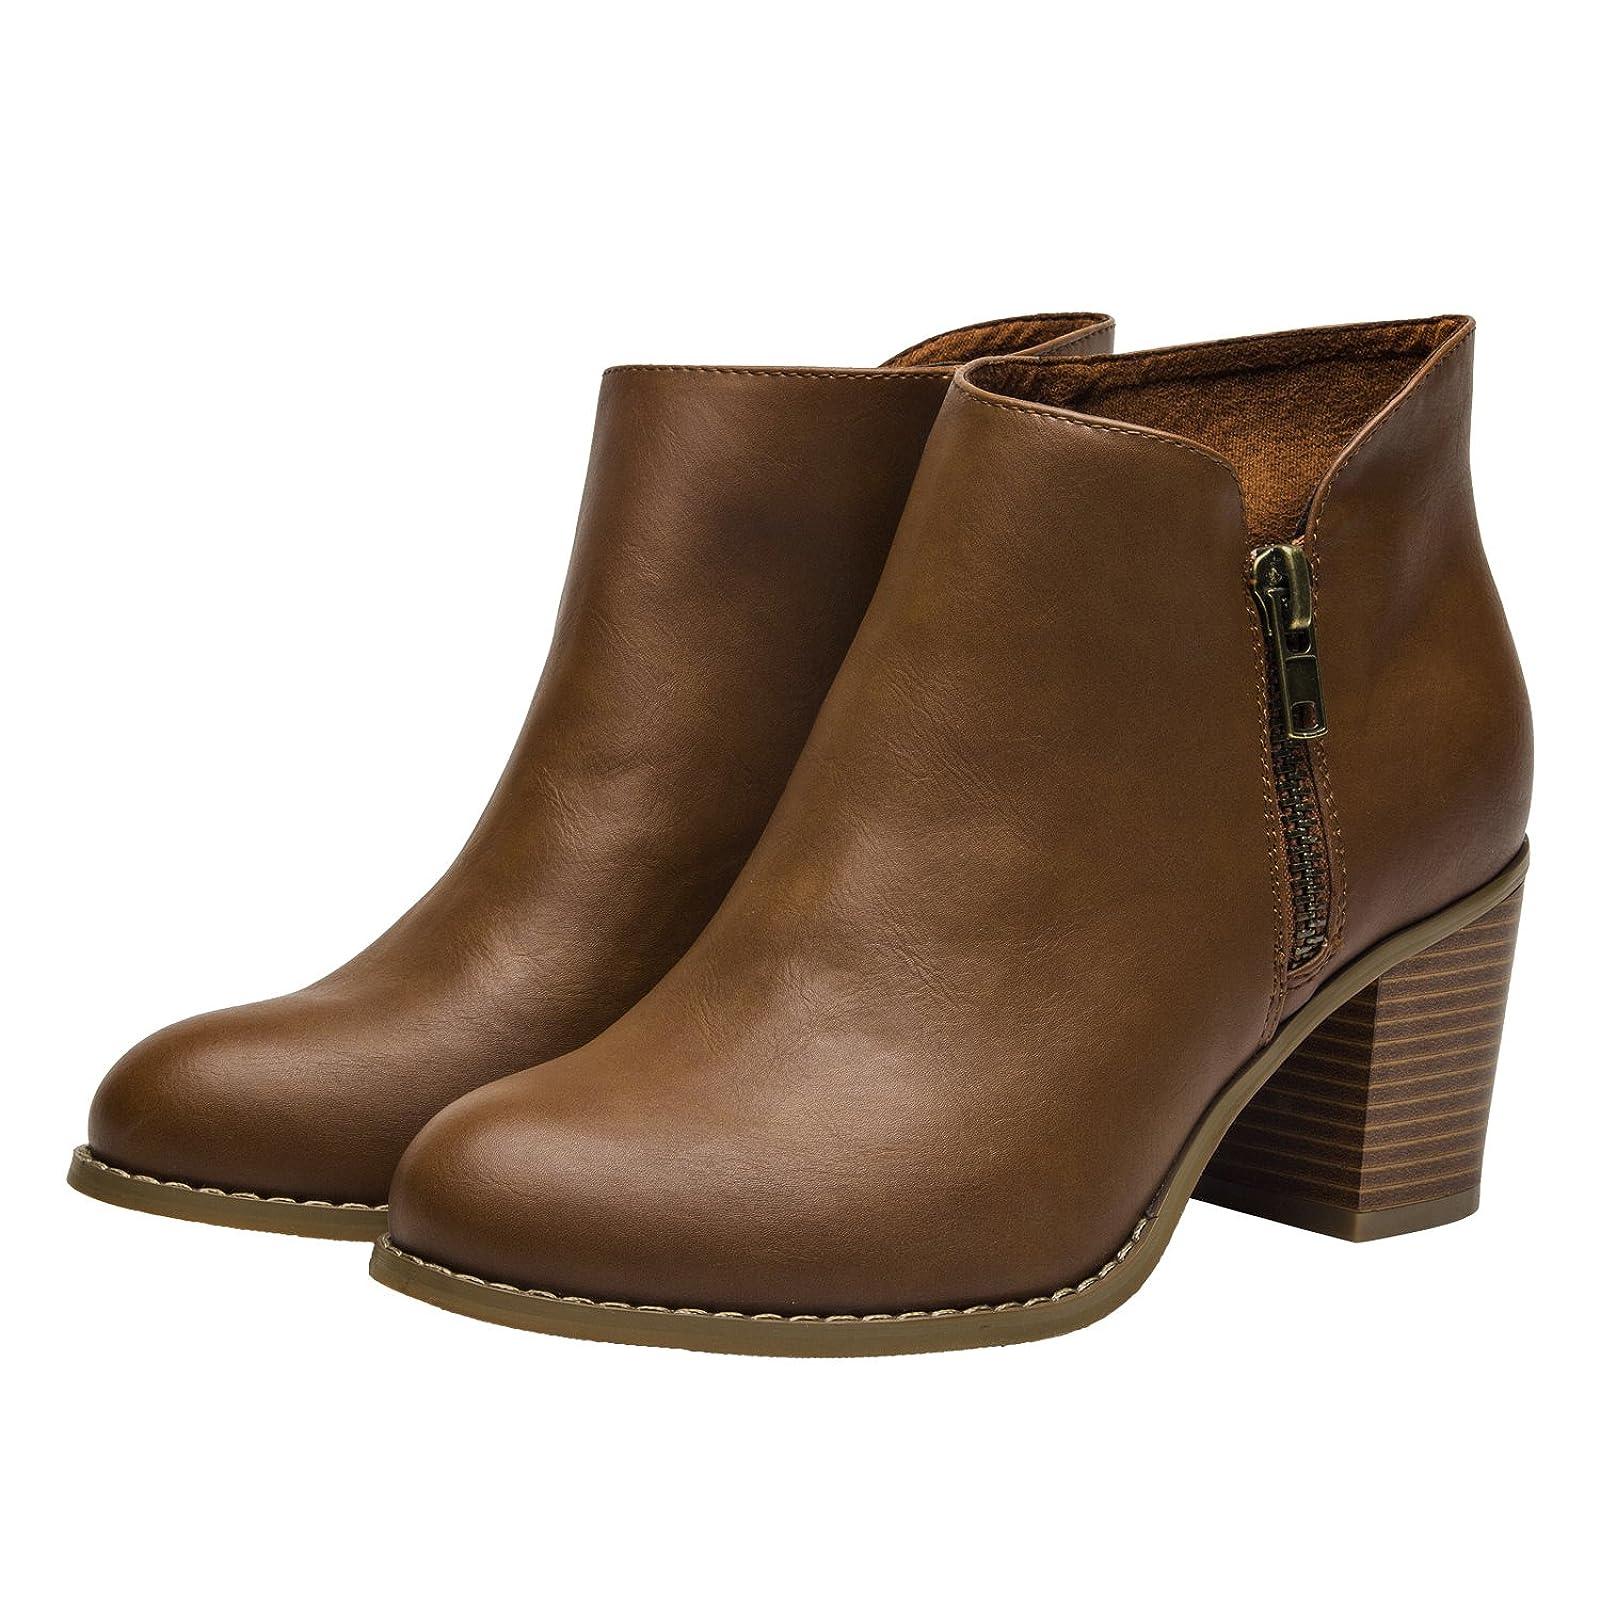 Luoika Plus Size Wide Width Ankle BootsWomen - 7